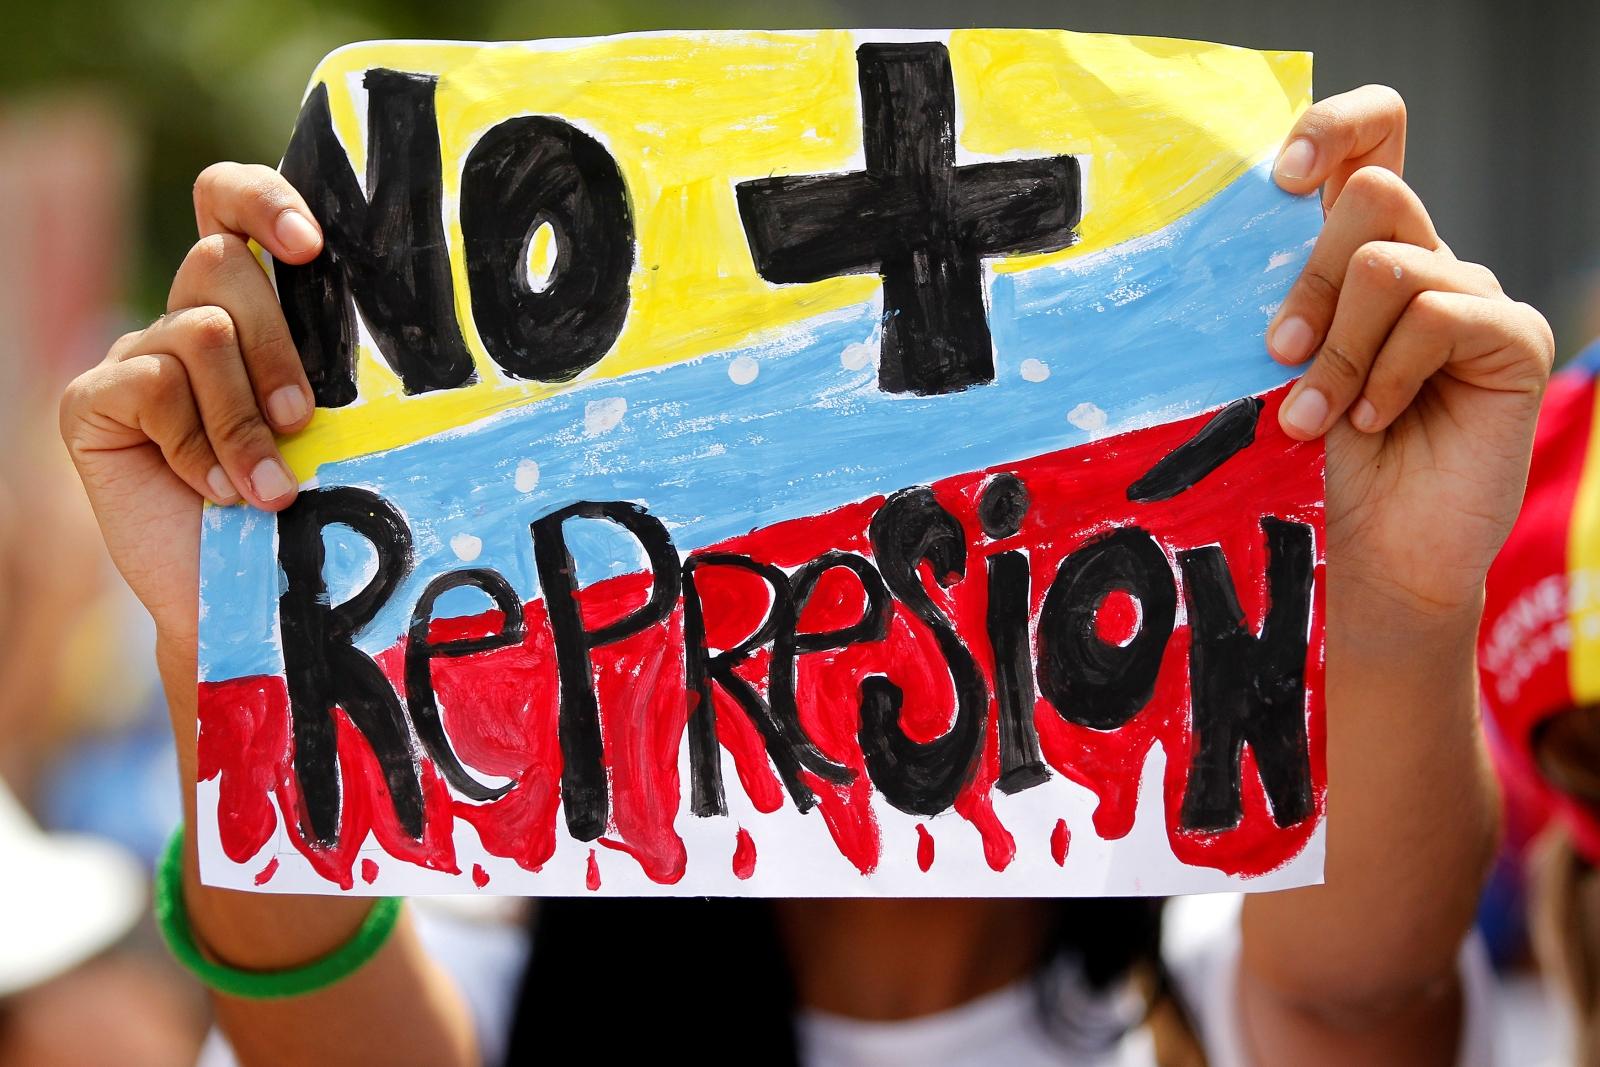 Venezuela women protest